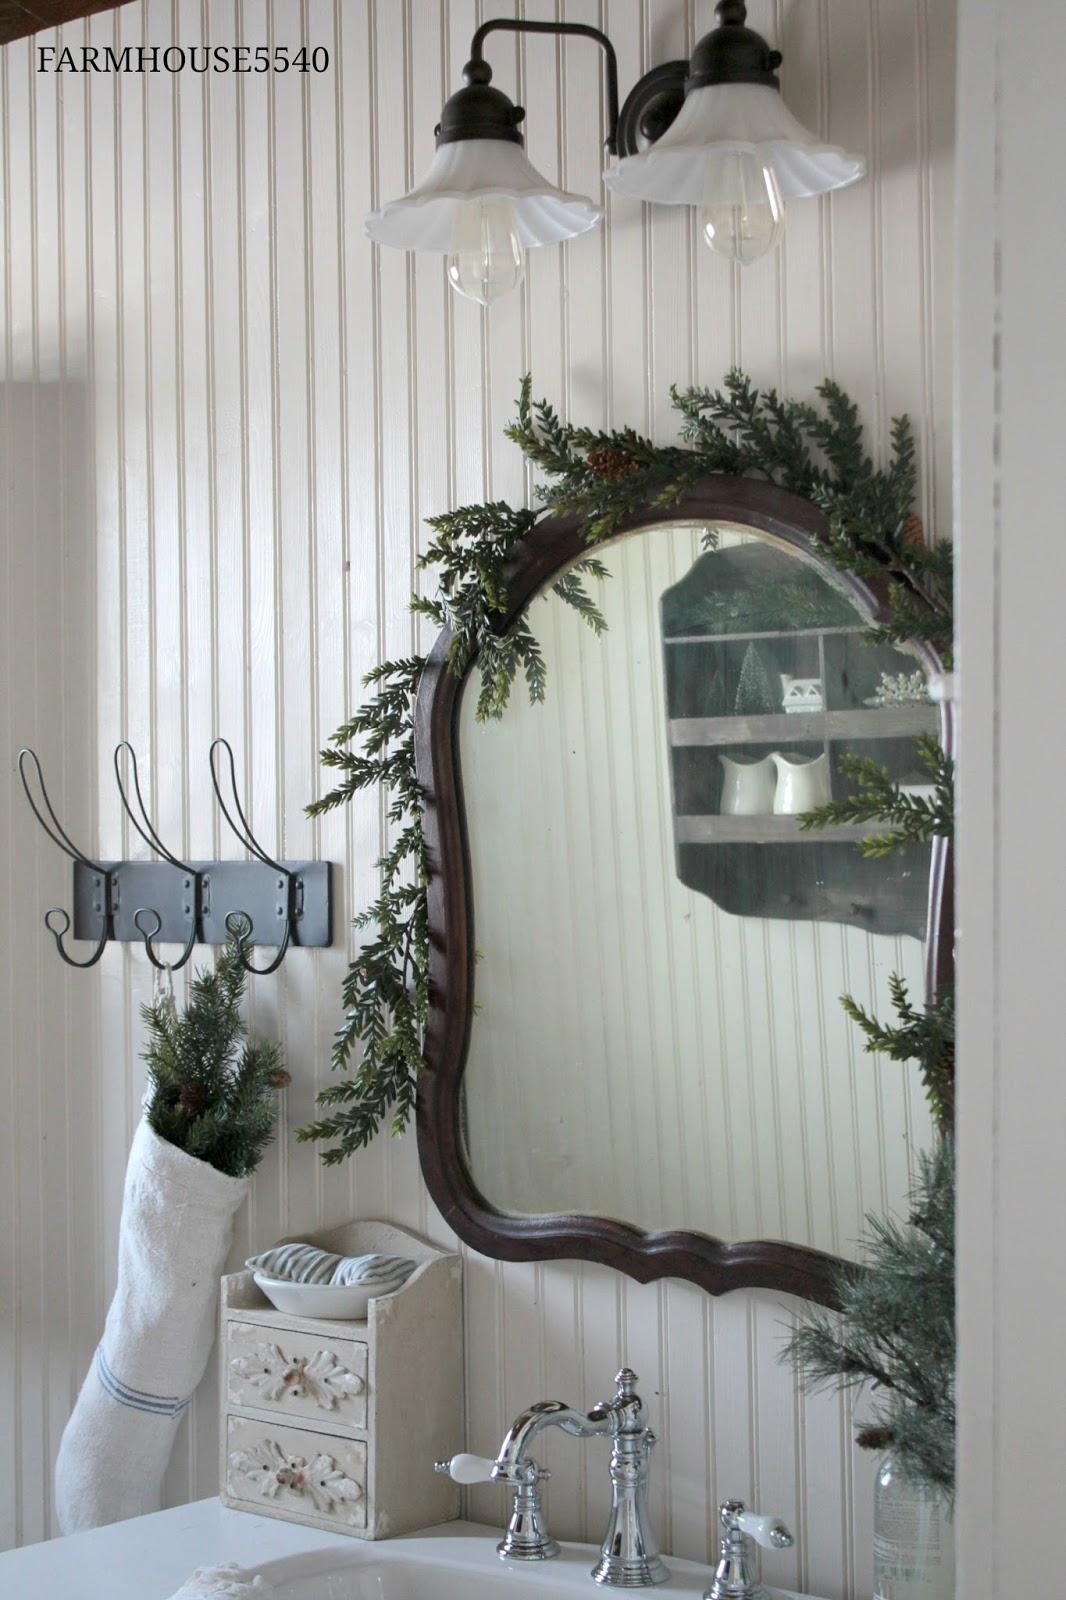 FARMHOUSE 5540 Farmhouse Bathroom At Christmas